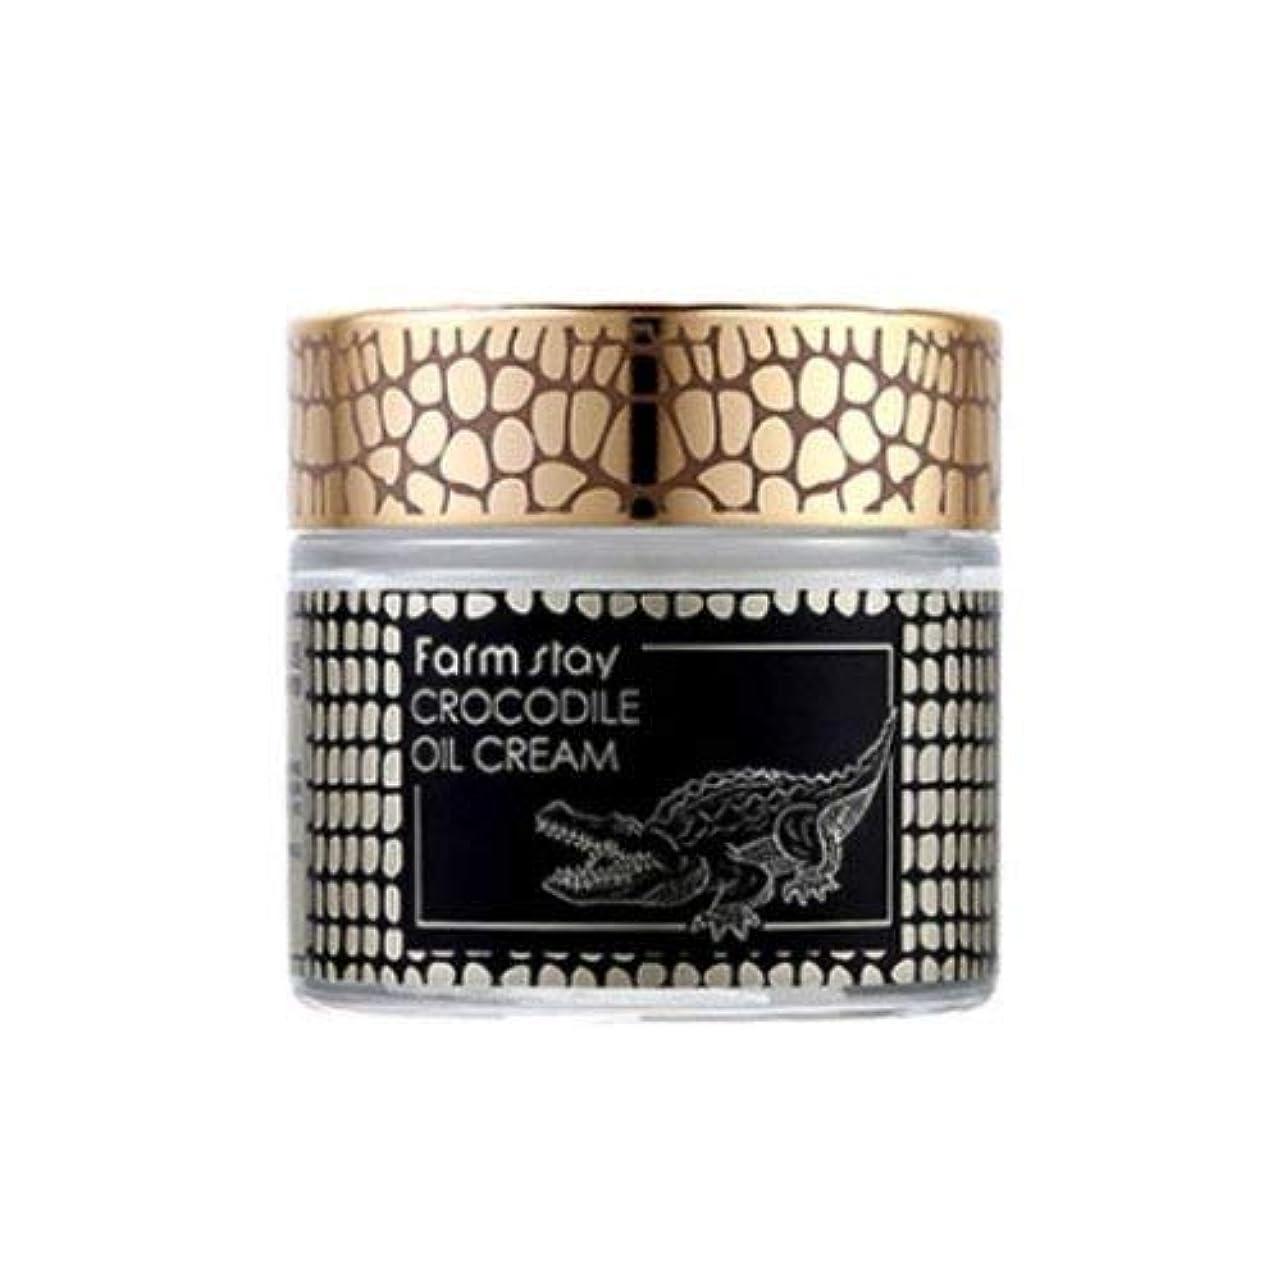 変な有名おそらくファームステイ[韓国コスメFarm Stay]Crocodile Oil Cream ワニオイルクリーム70g しわ管理 美白[並行輸入品]